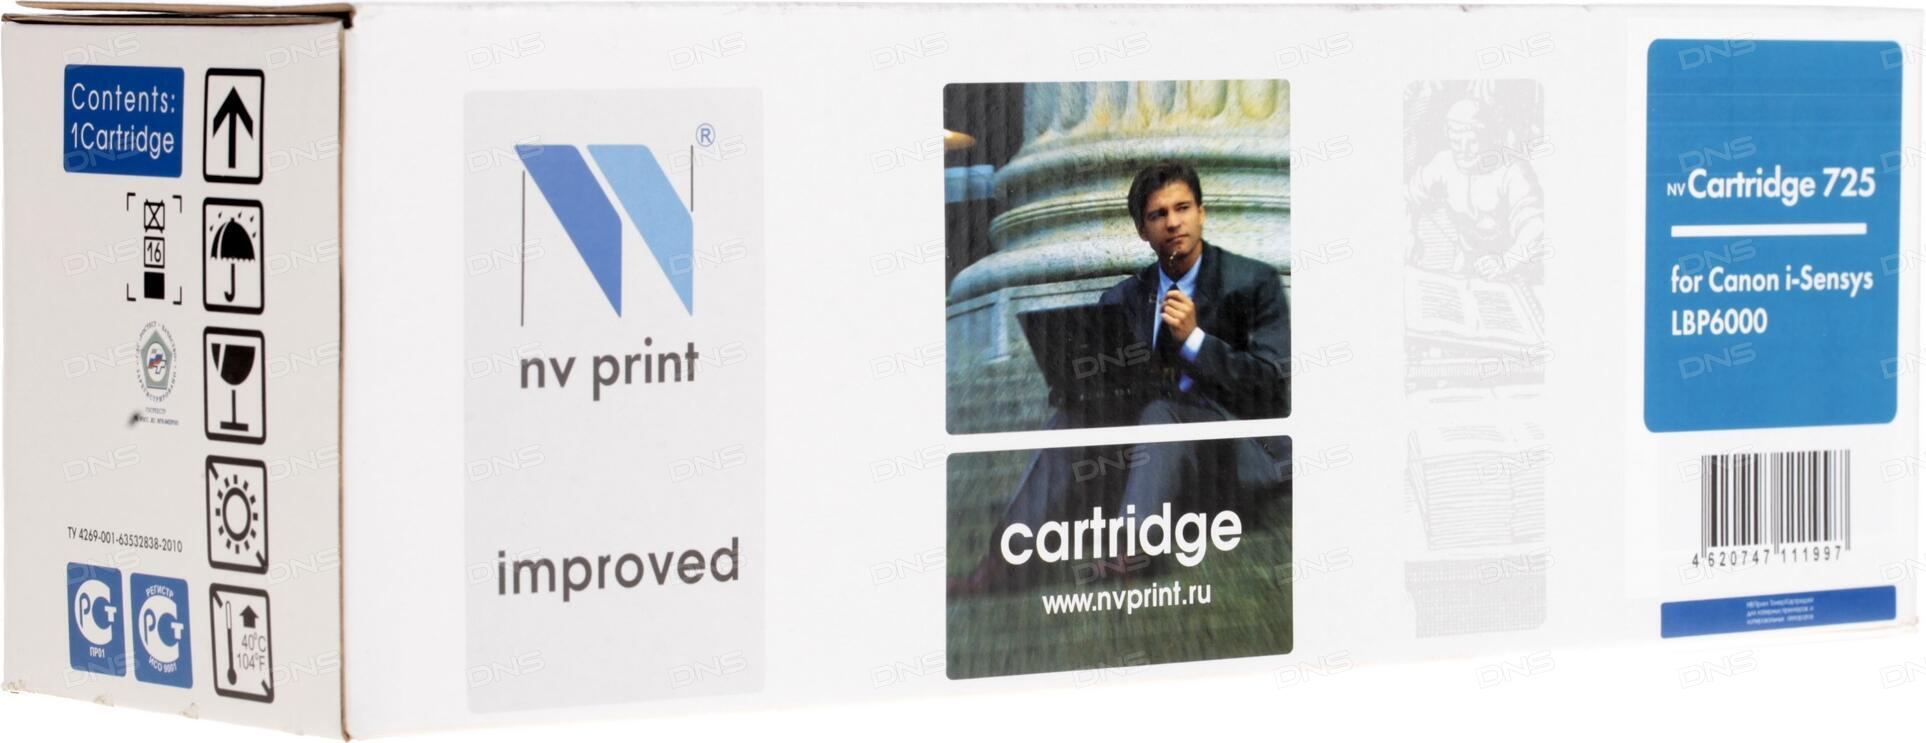 Картридж NV Print CLT-M407S Magenta для Samsung CLP-320/325/320N/325W/CLX-3185/N/FN/FW